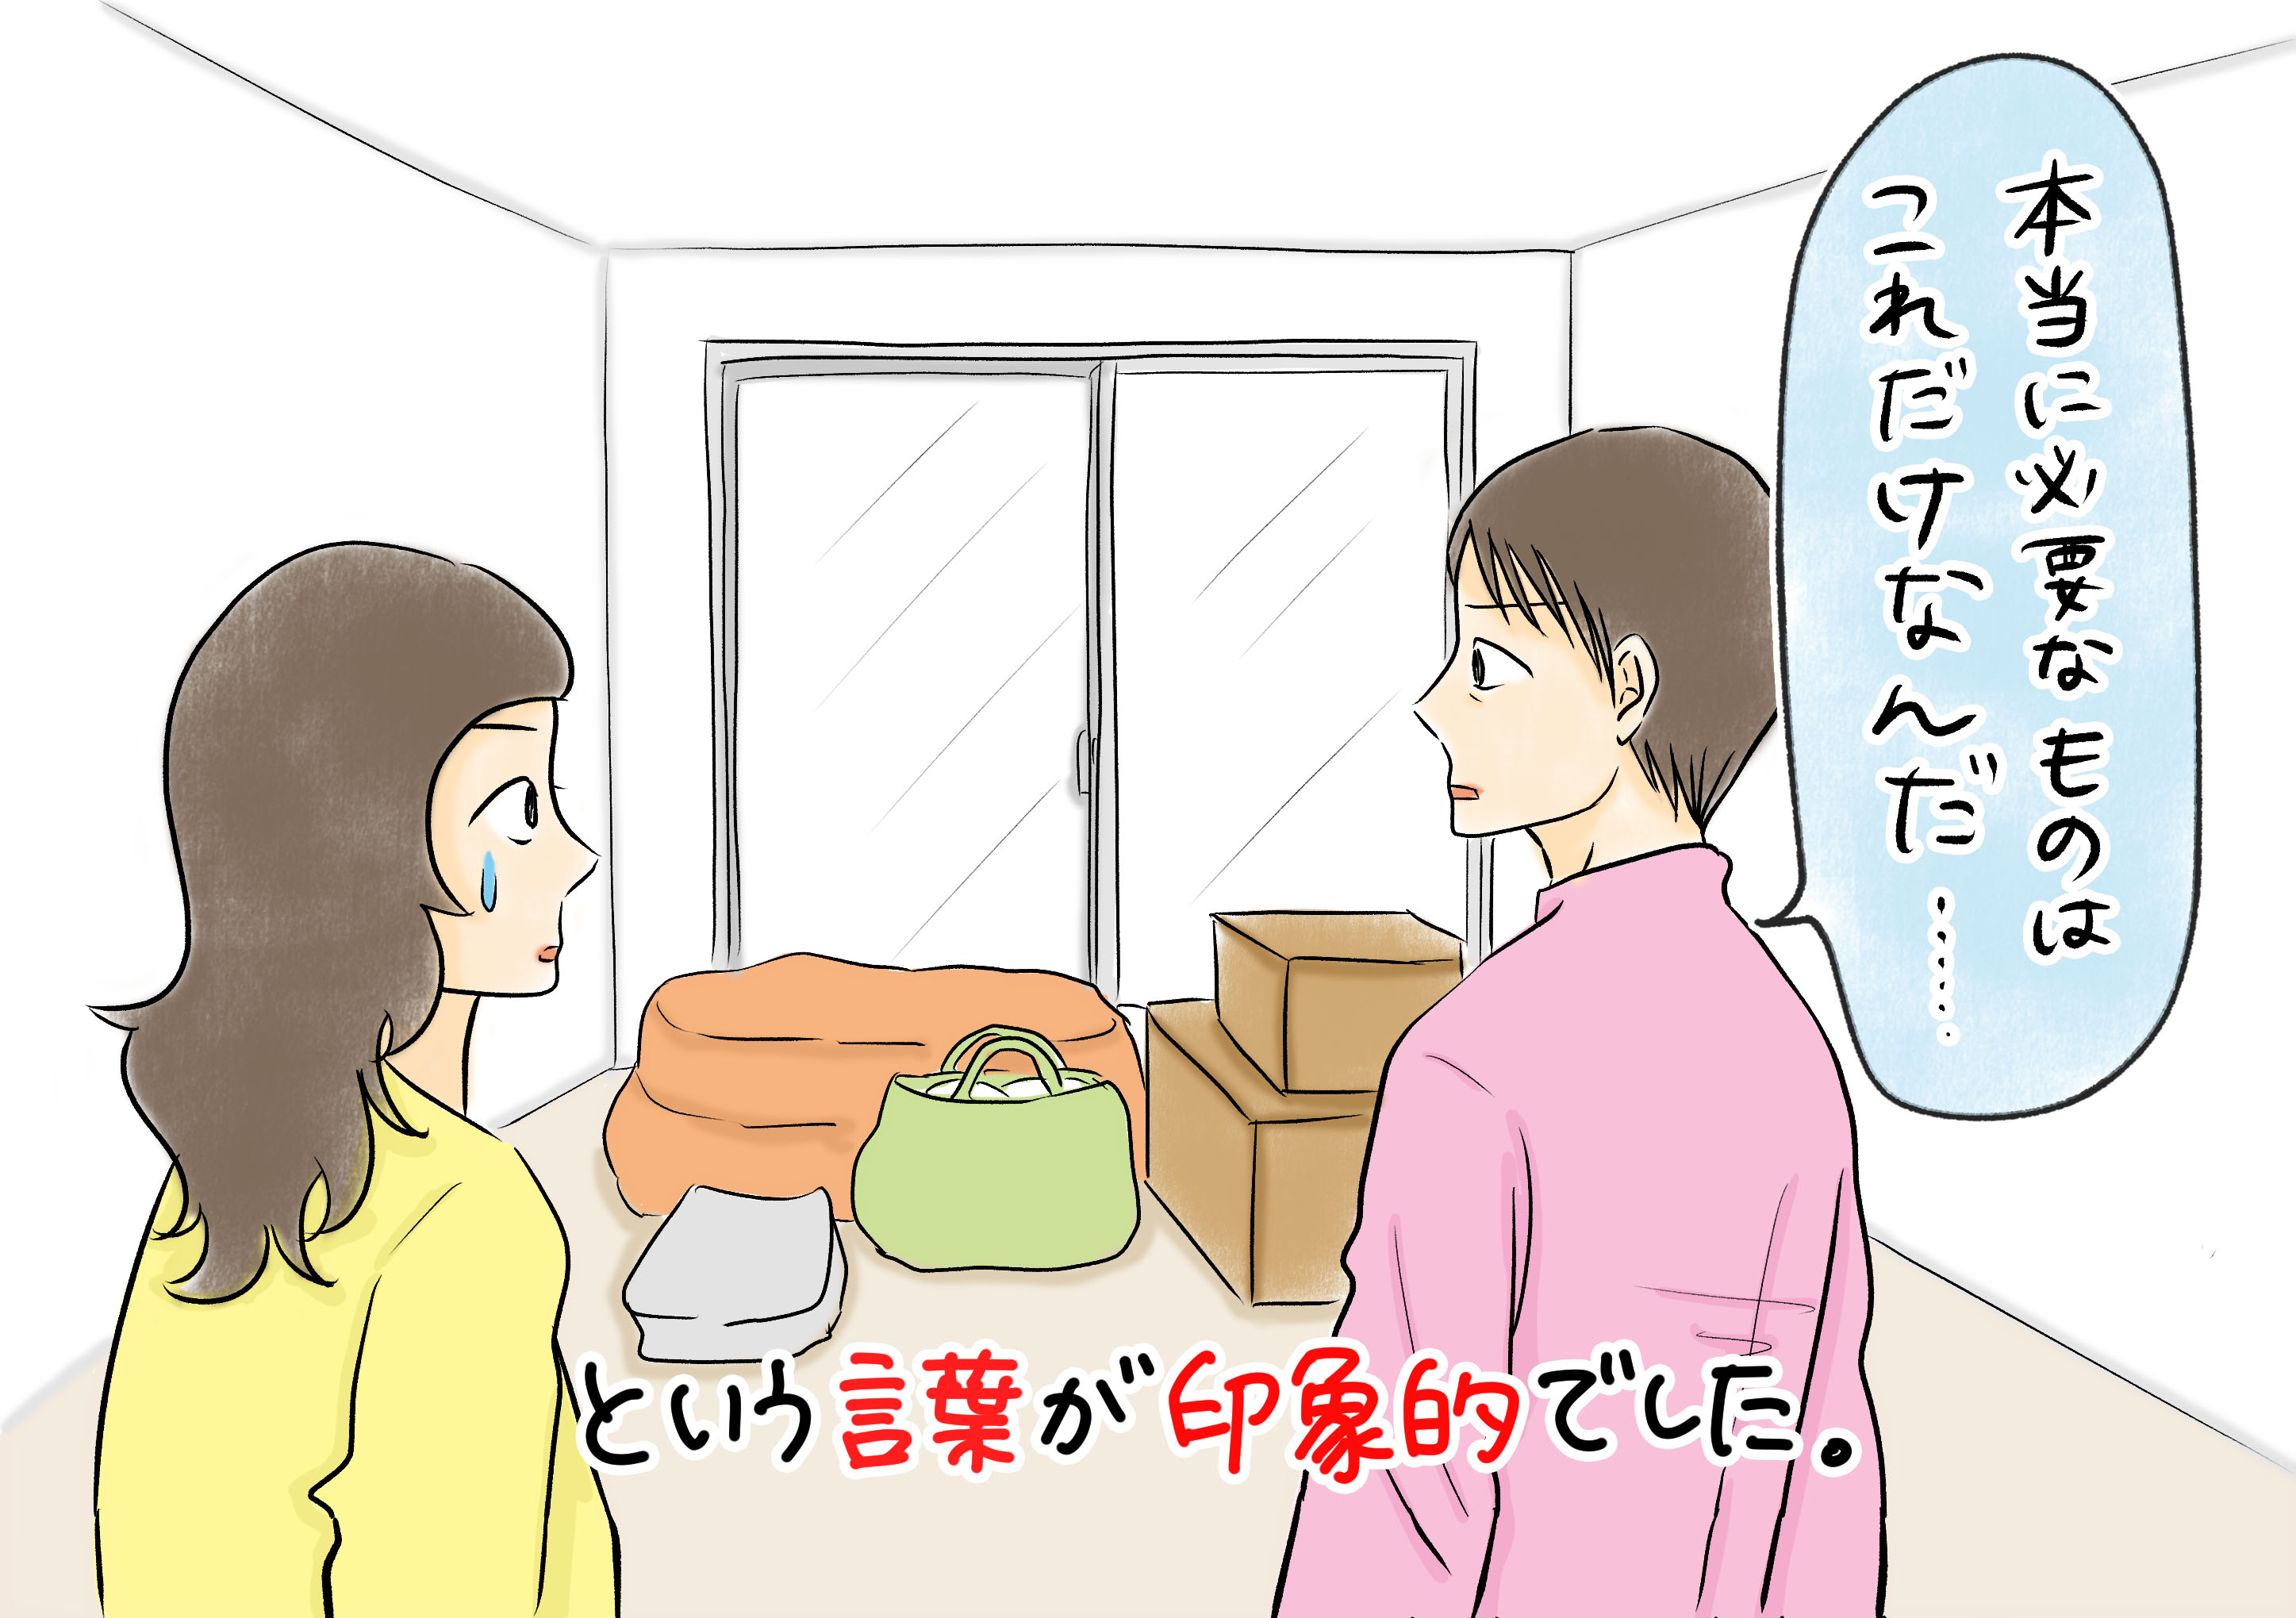 yururi-mainichi-illust17.jpg